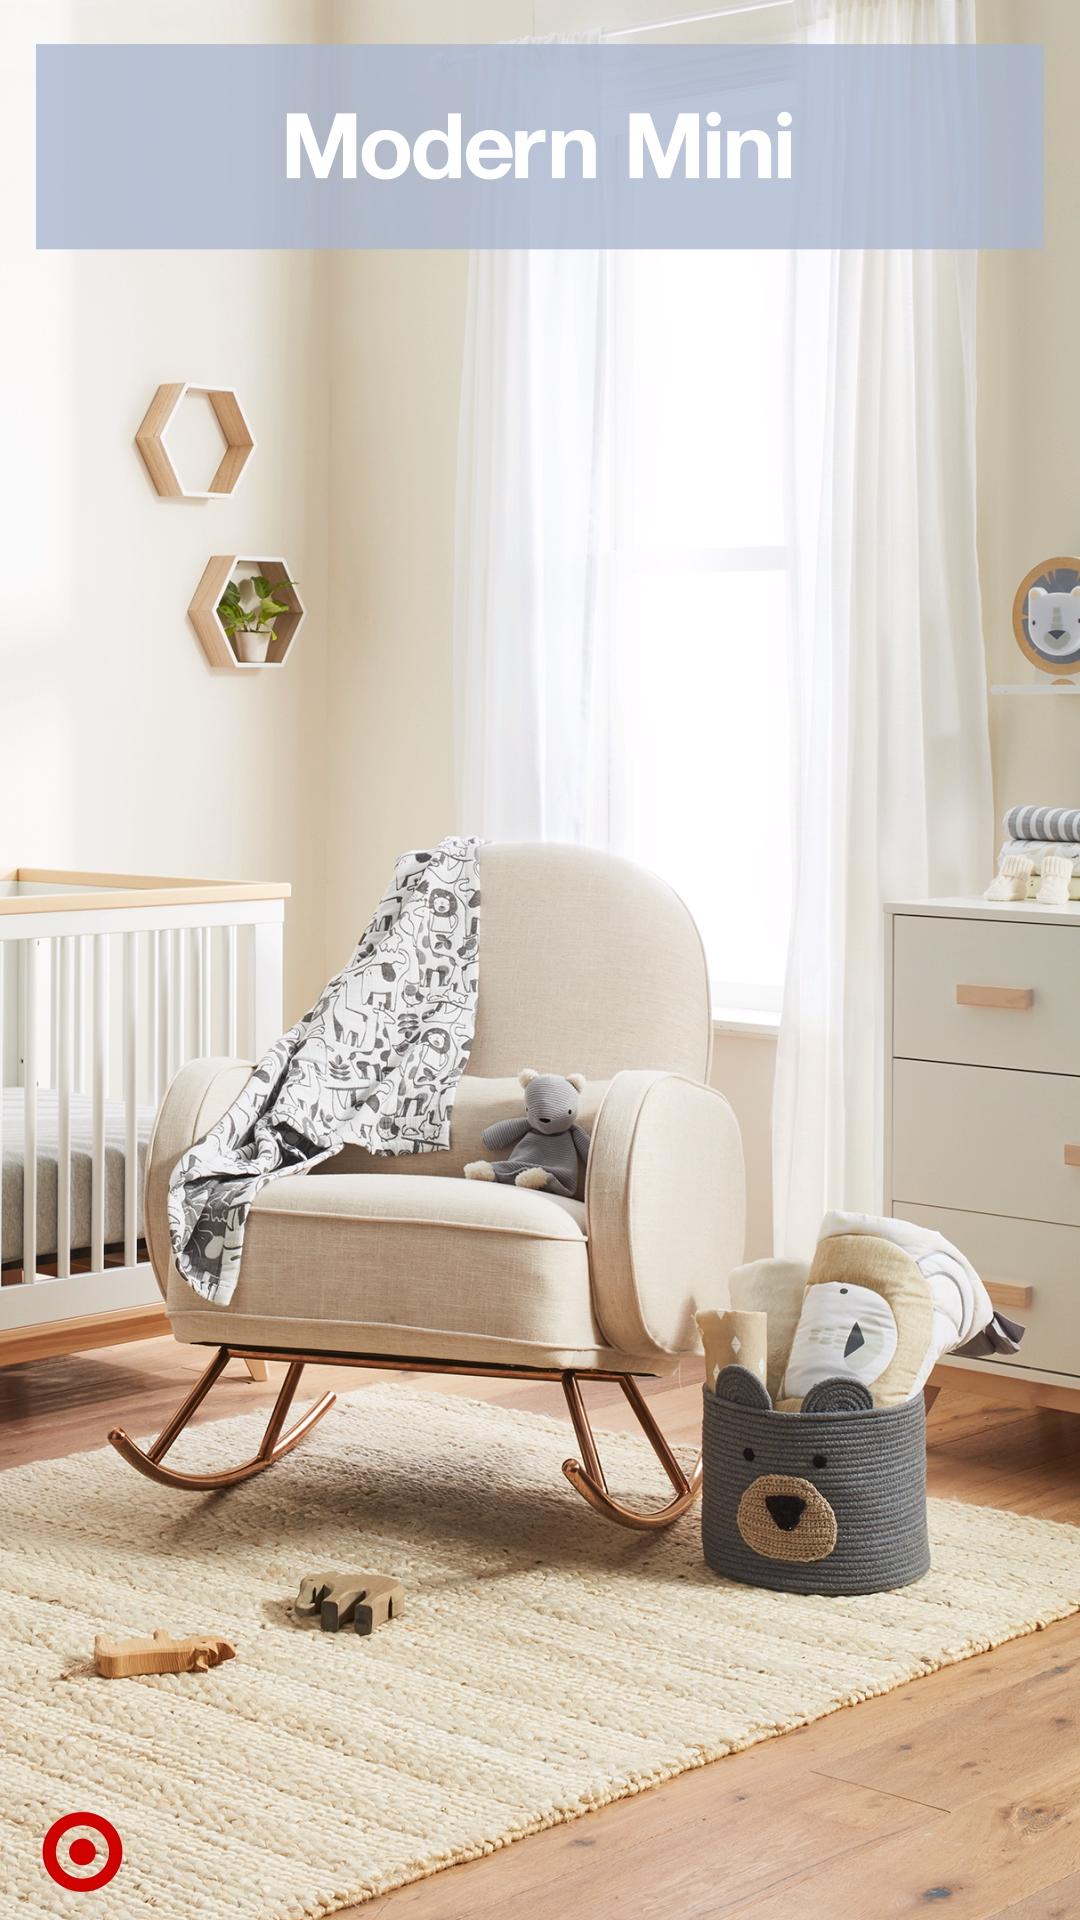 Nursery Ideas : Baby Room Ideas : Target